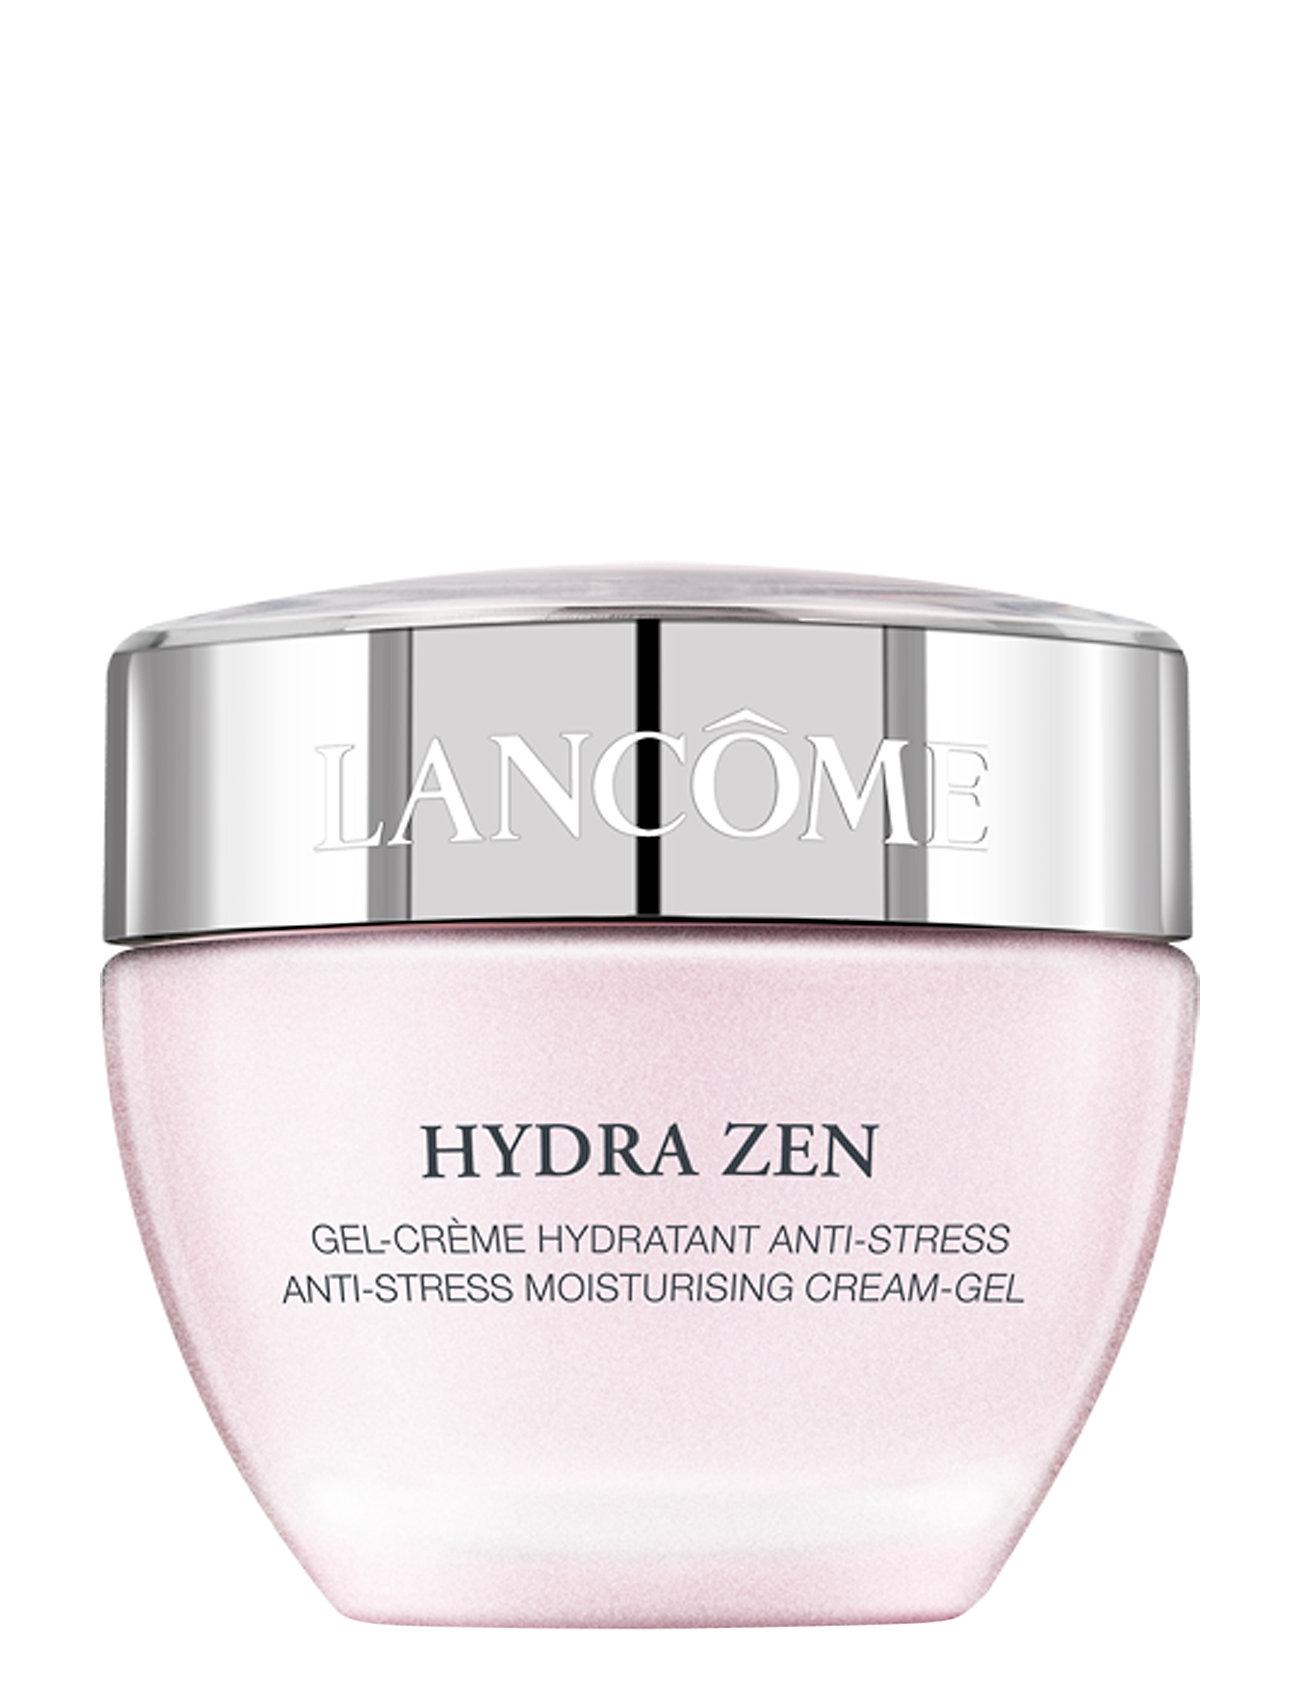 lancã´me Hydra zen gel cream 50 ml fra boozt.com dk